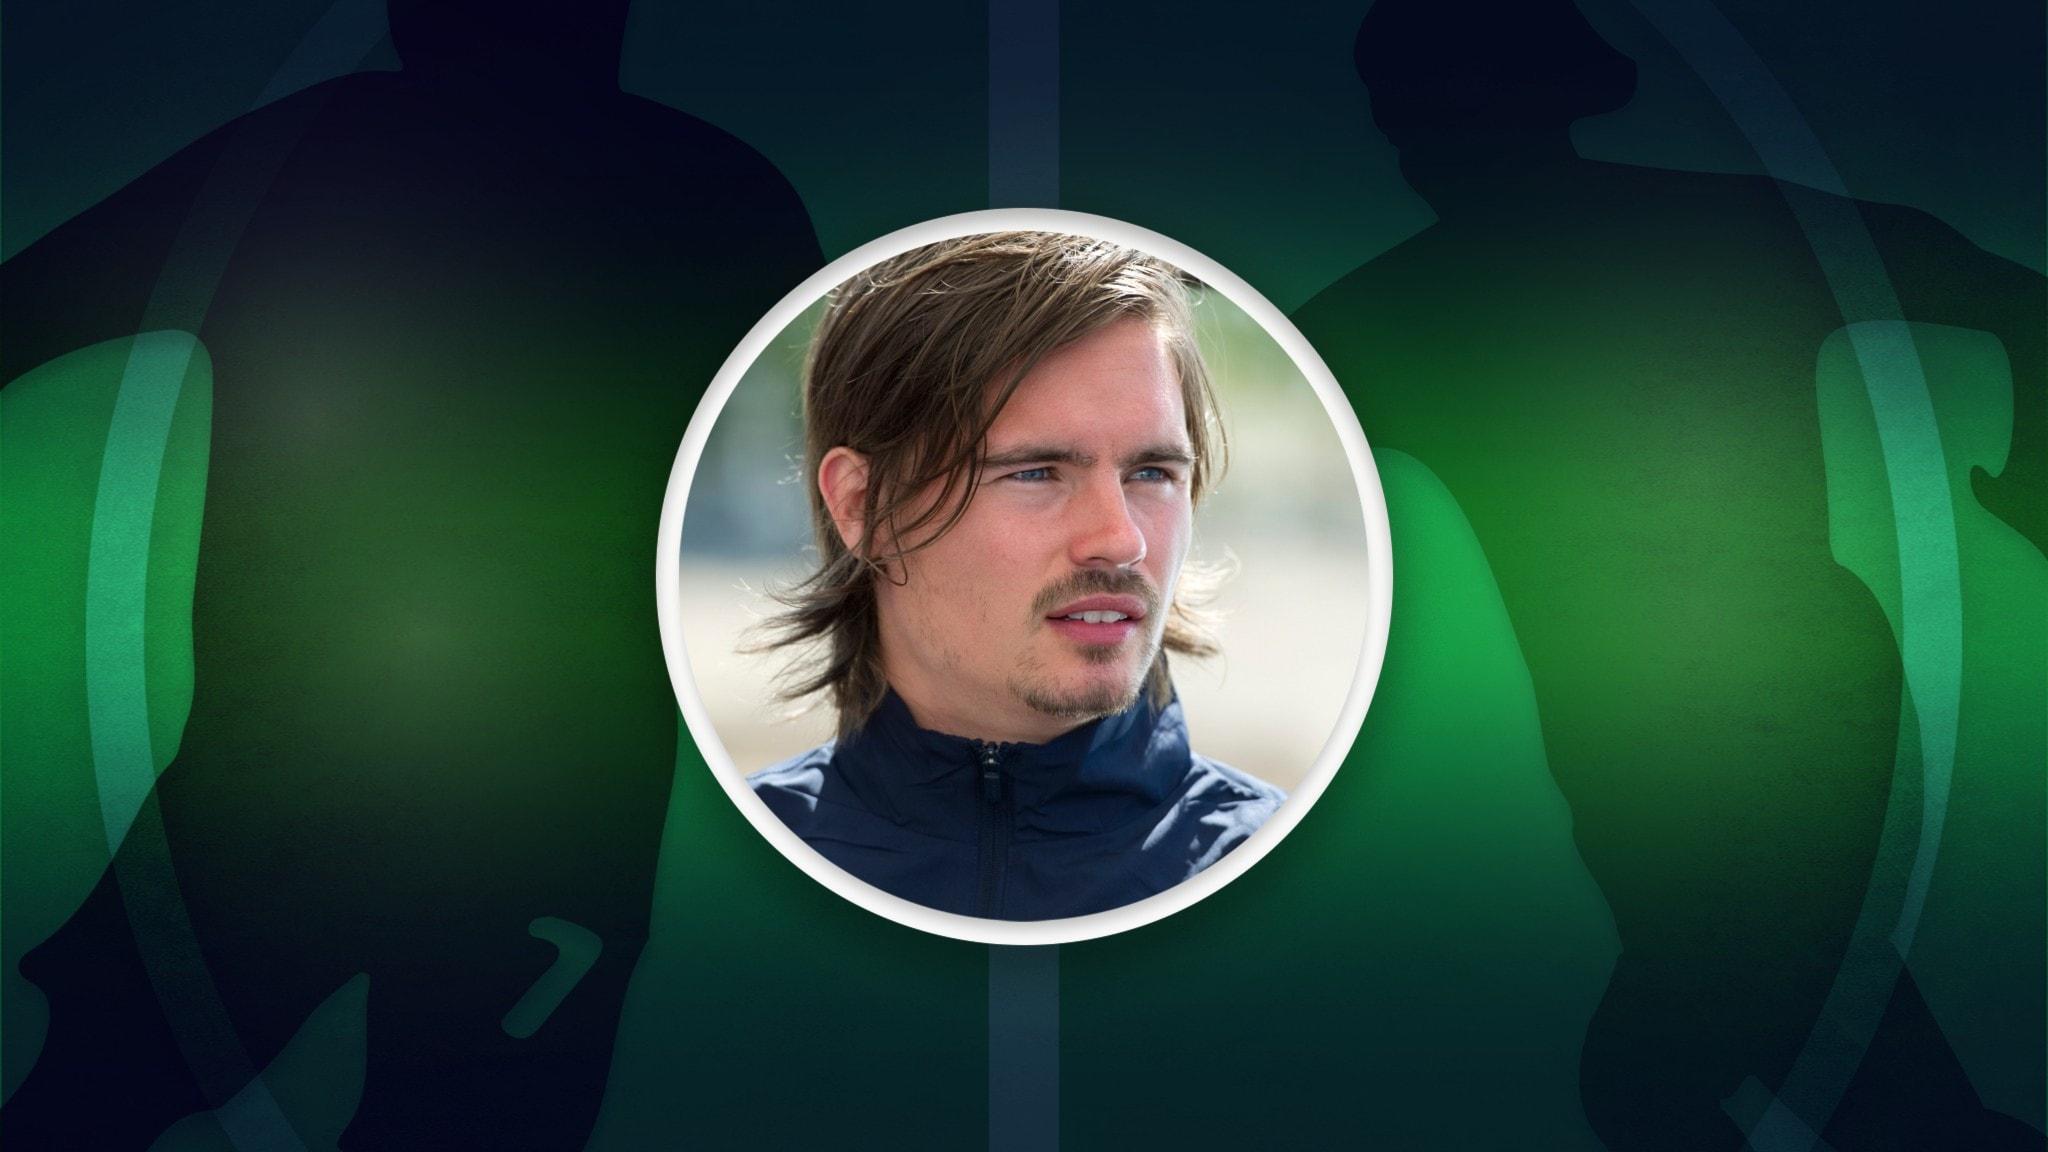 Mikael Lustig bortglömd huvudperson i klassiska matchen